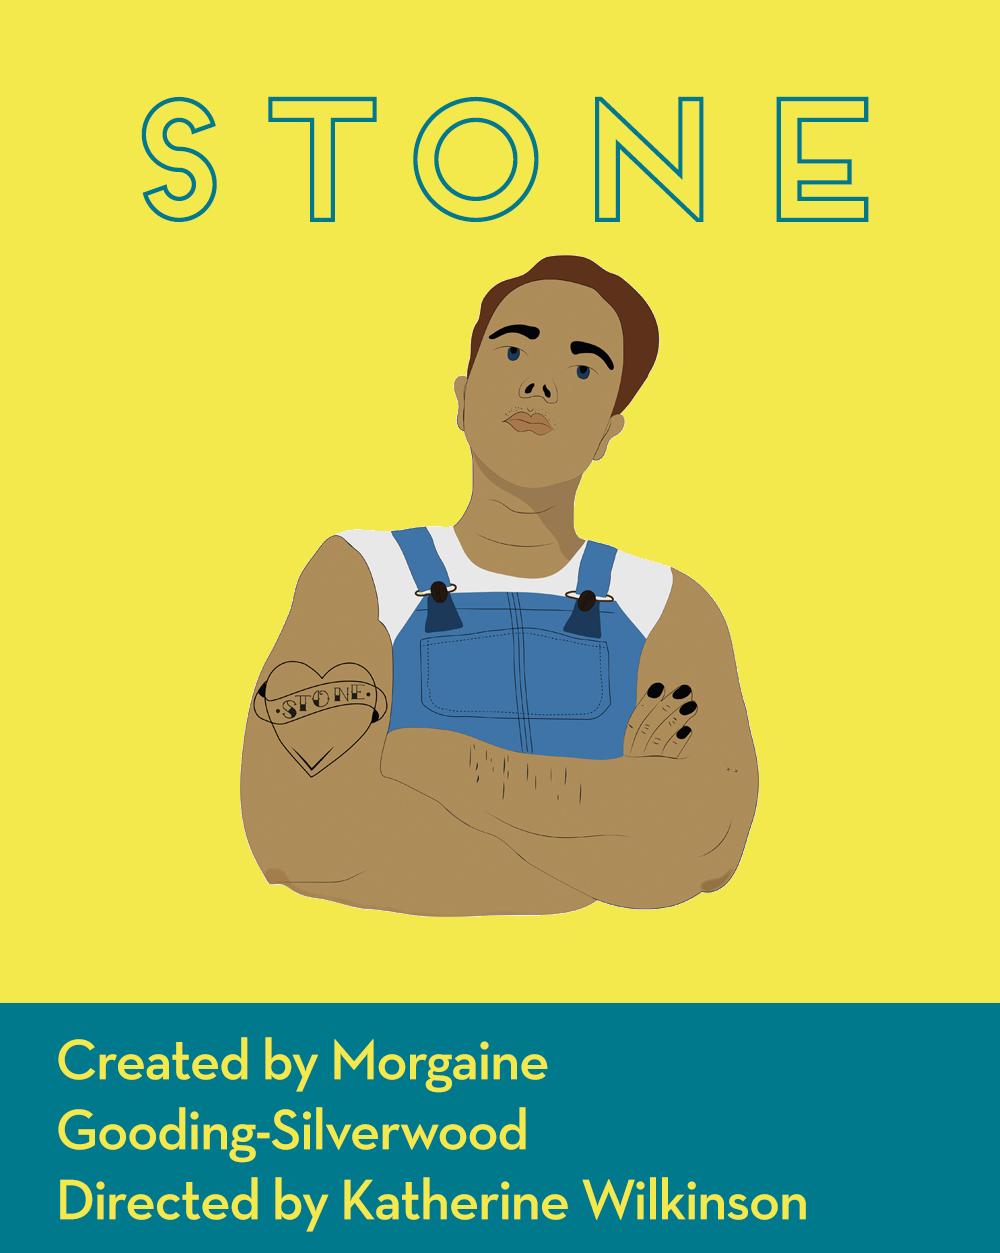 StoneMain.jpg